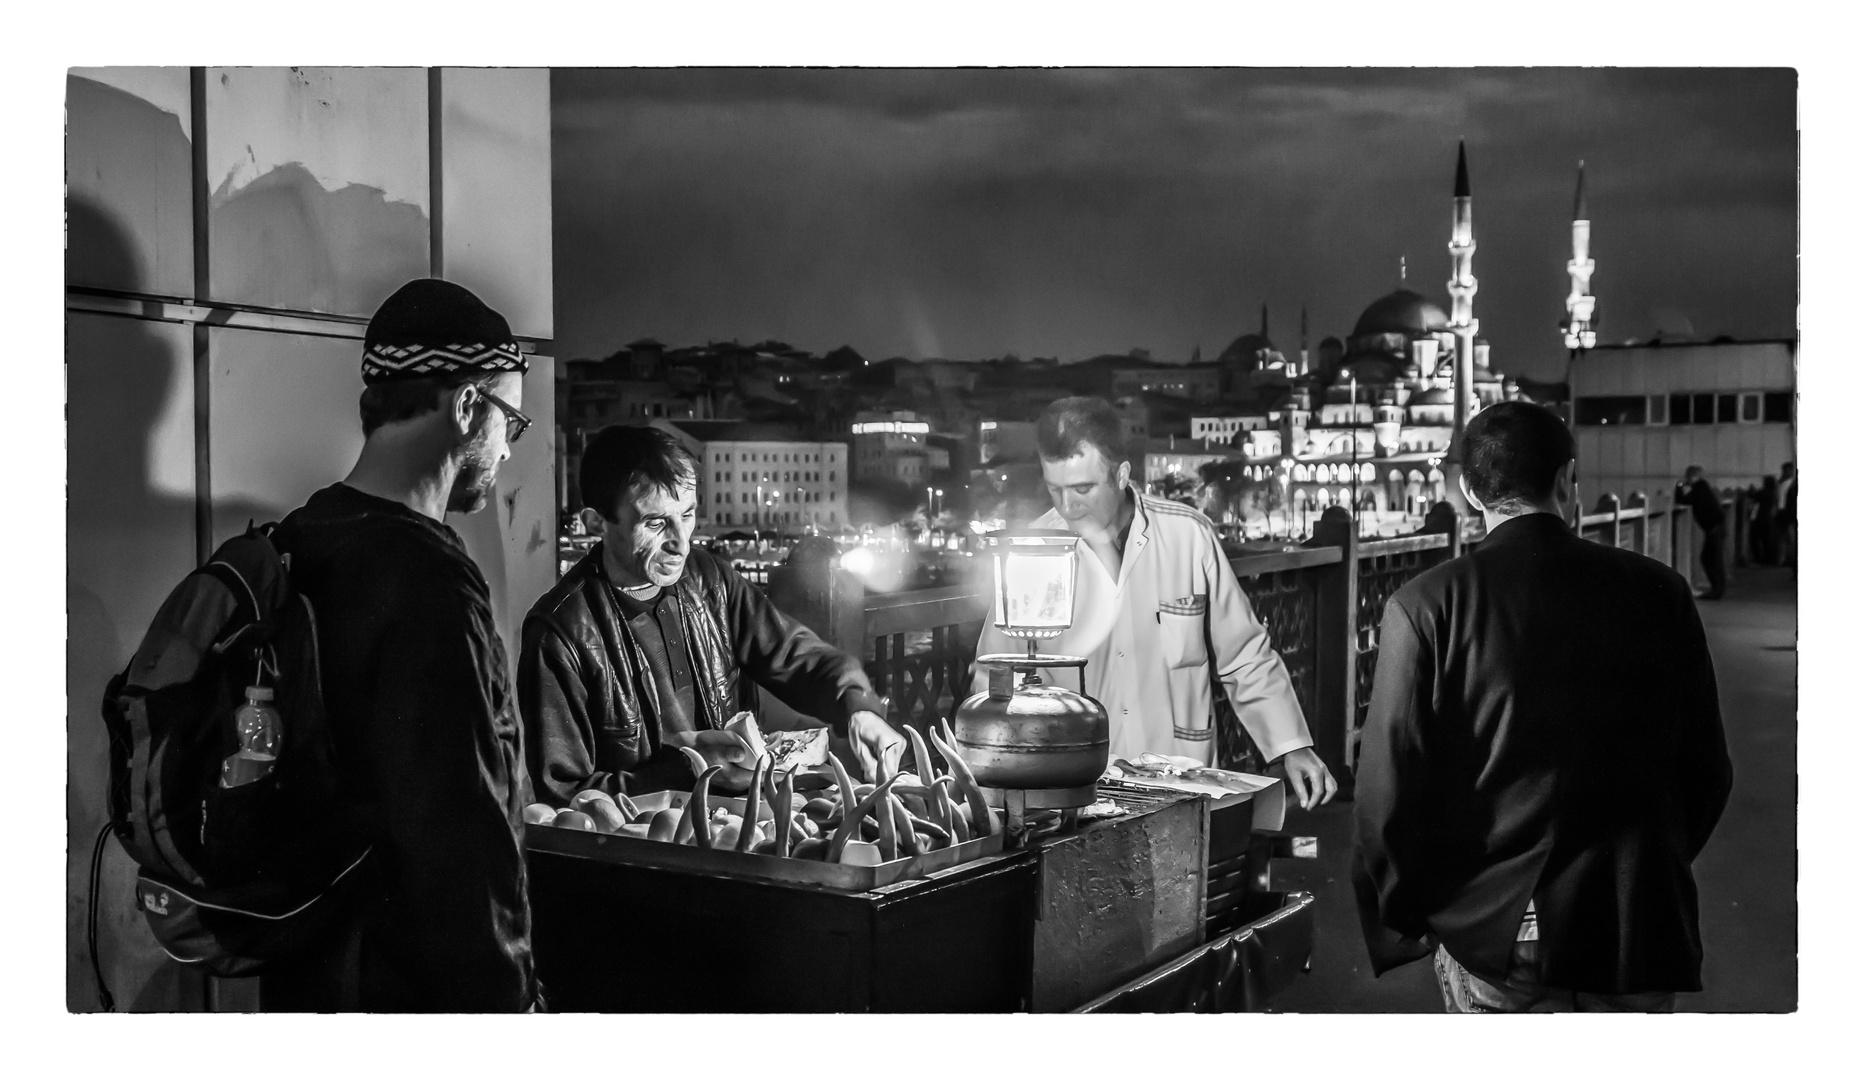 Istanbul bei Nacht - am schönsten mit frisch gegrillter Peperoni